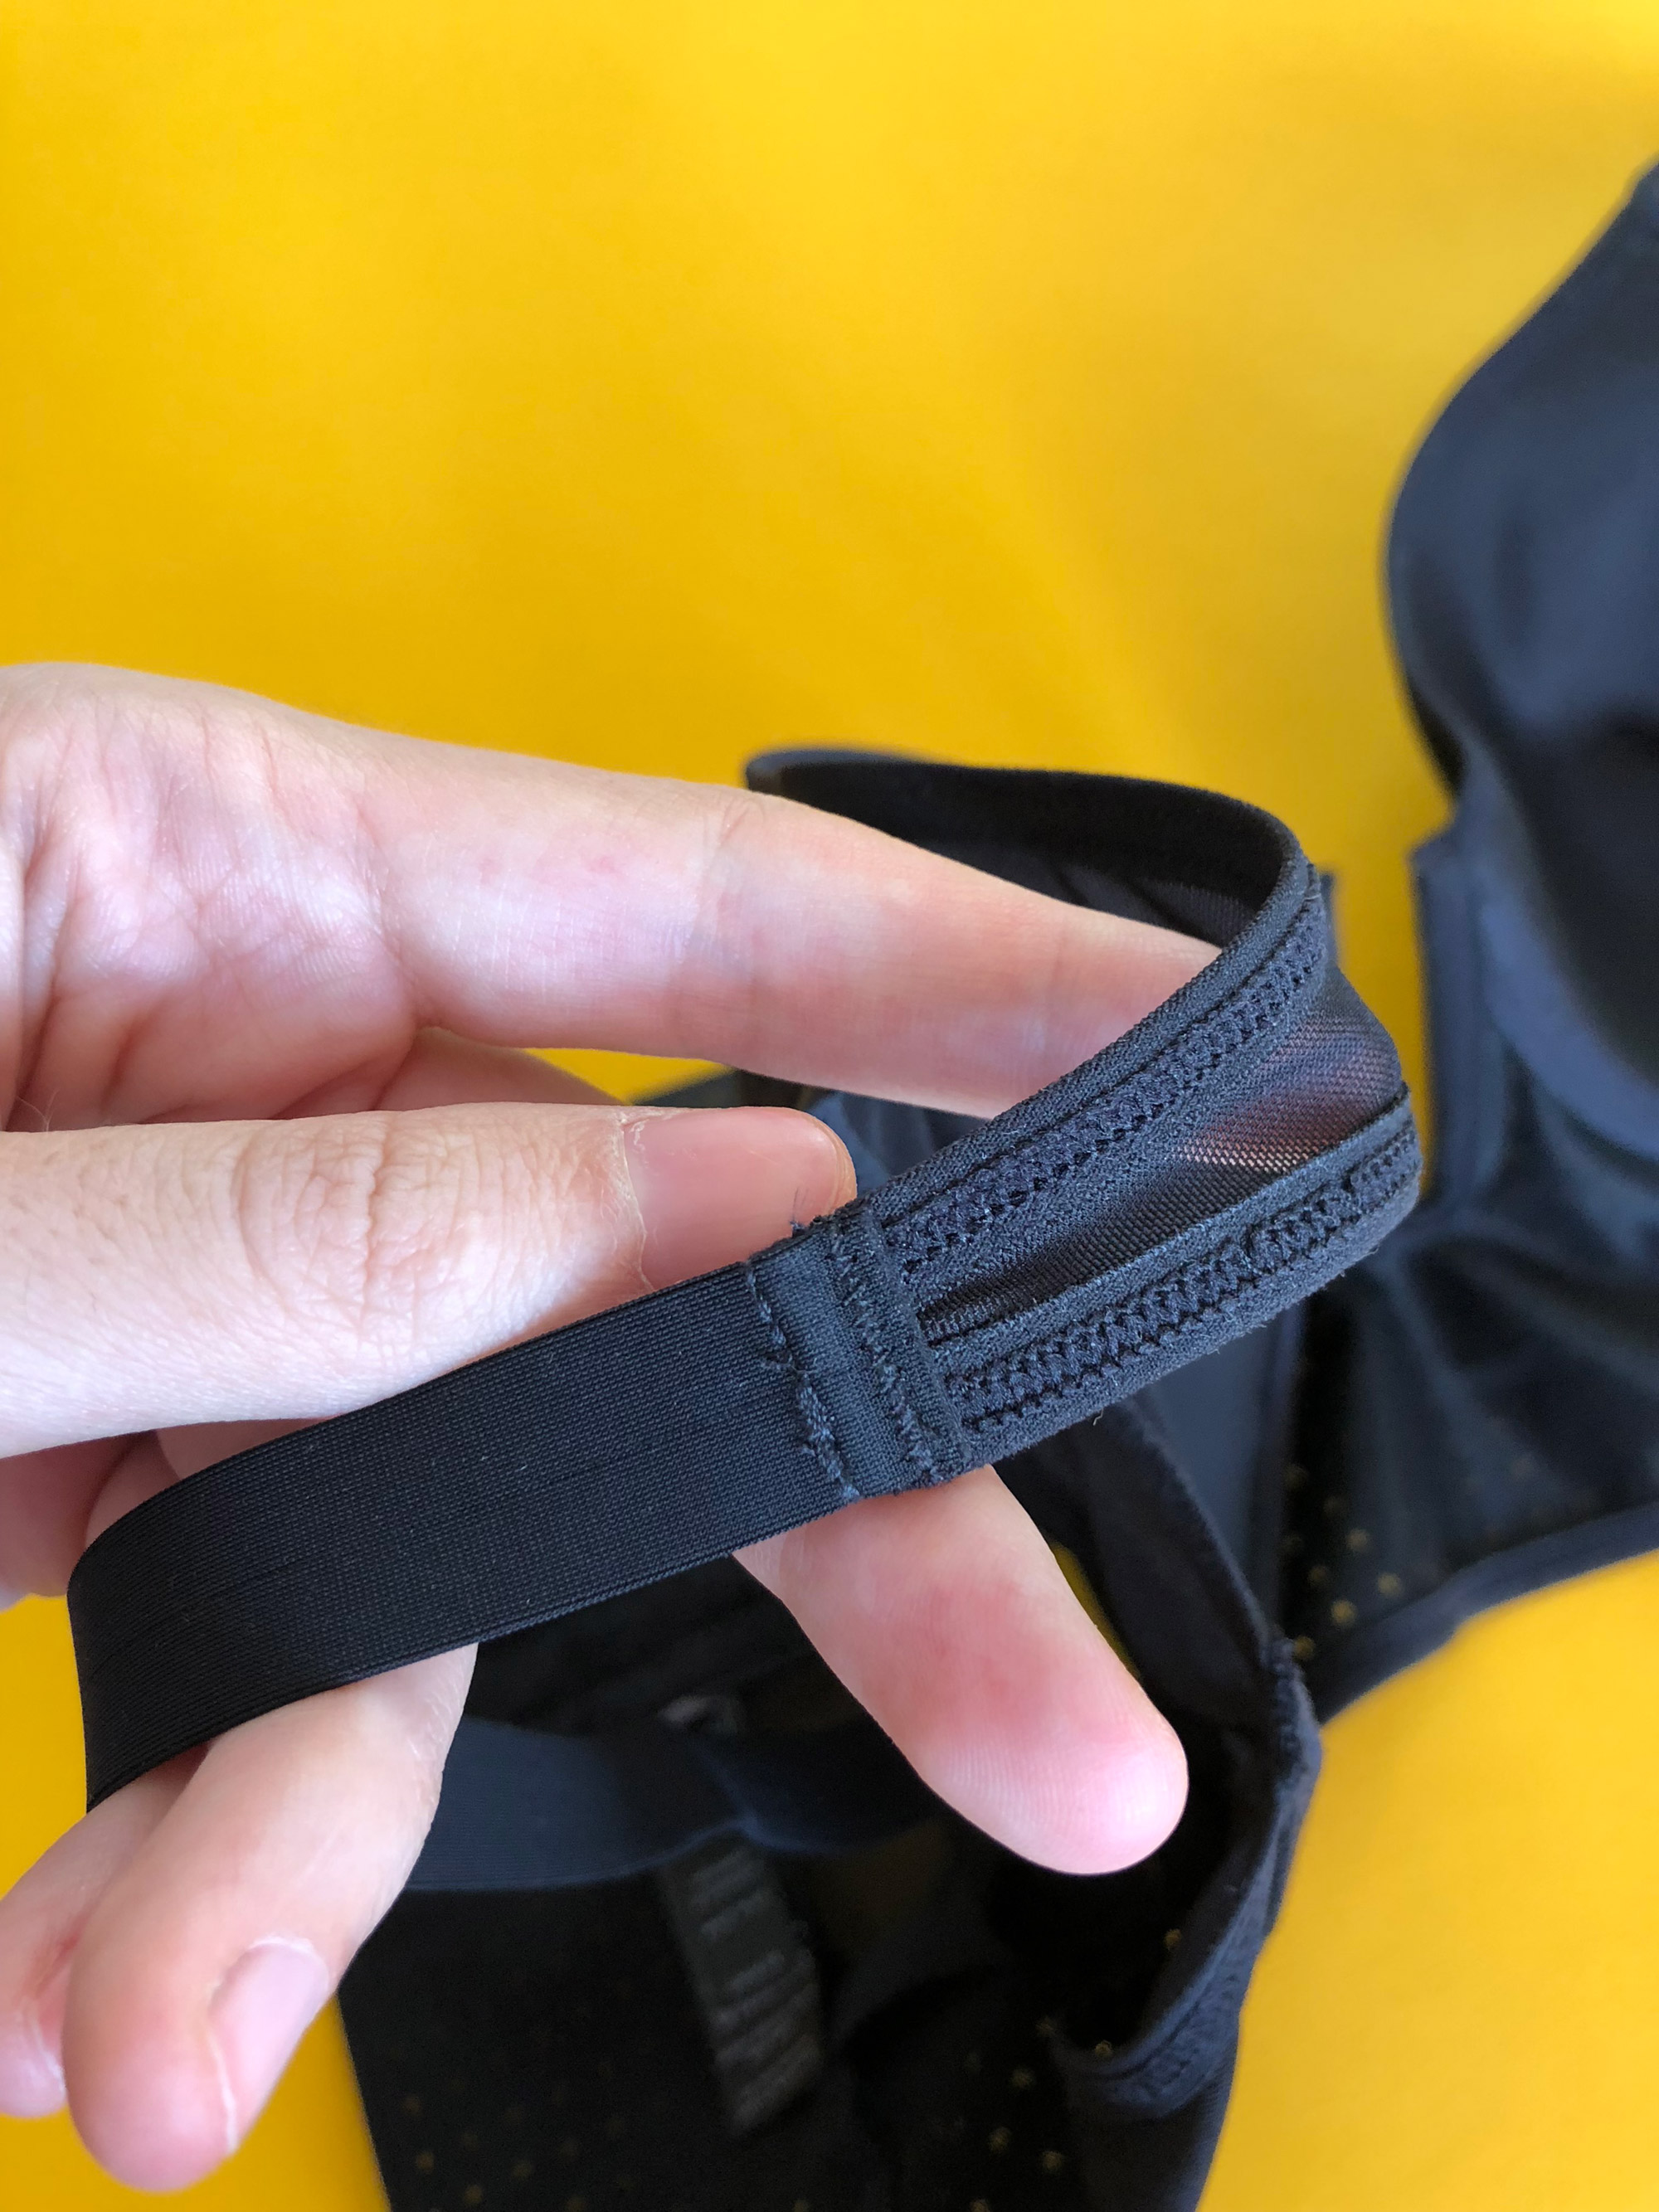 Обзор бюстгальтера из перфорированной ткани Opaak на garterblog.ru Все права защищены.